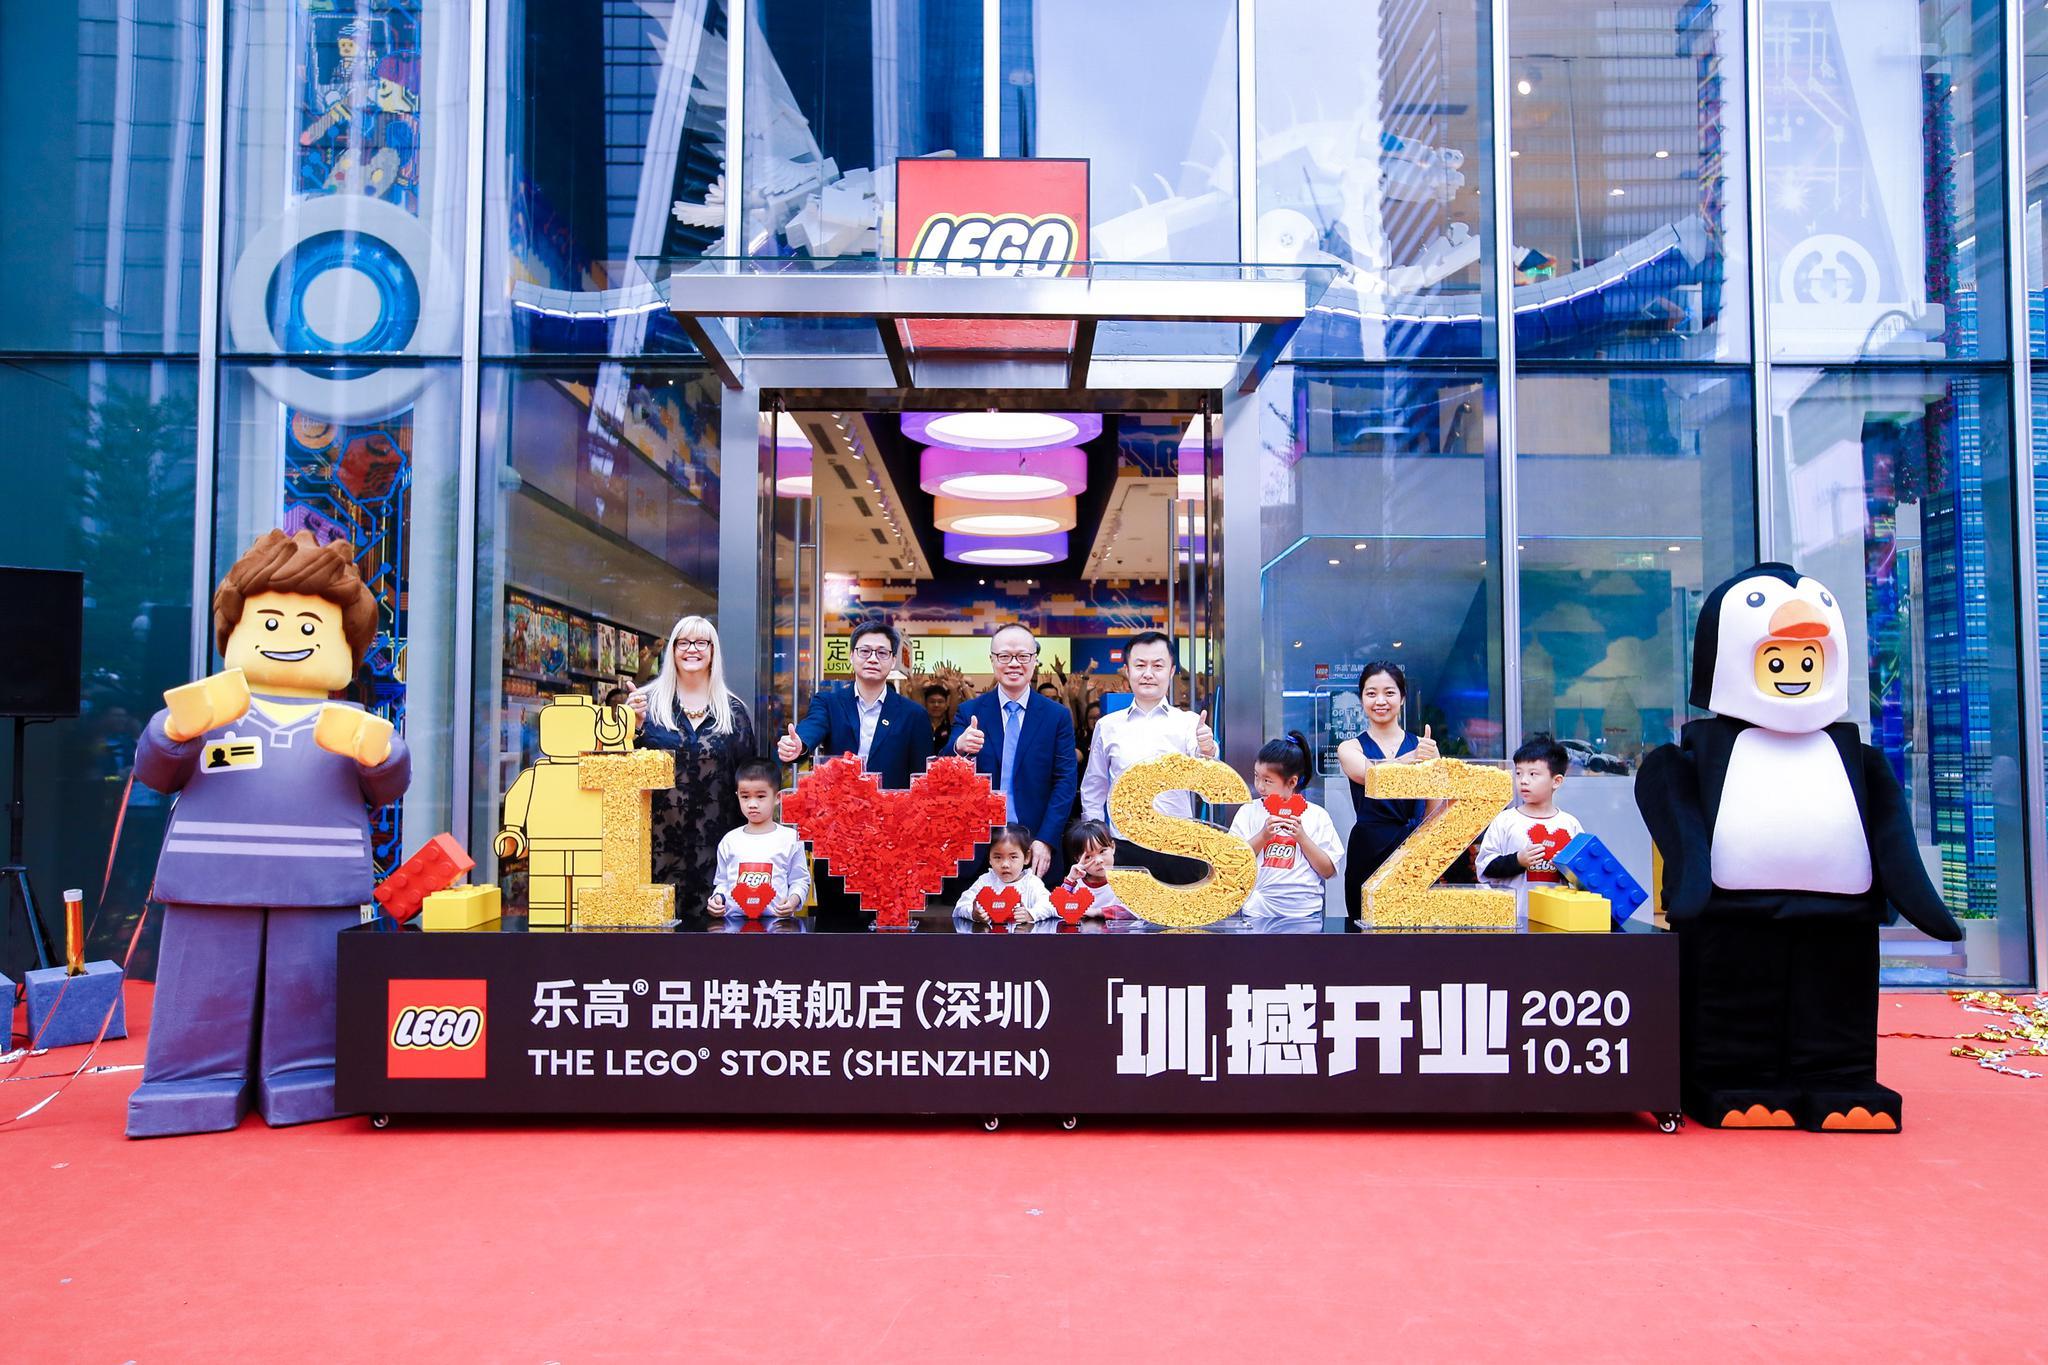 华南首家乐高品牌旗舰店在深圳盛大开业